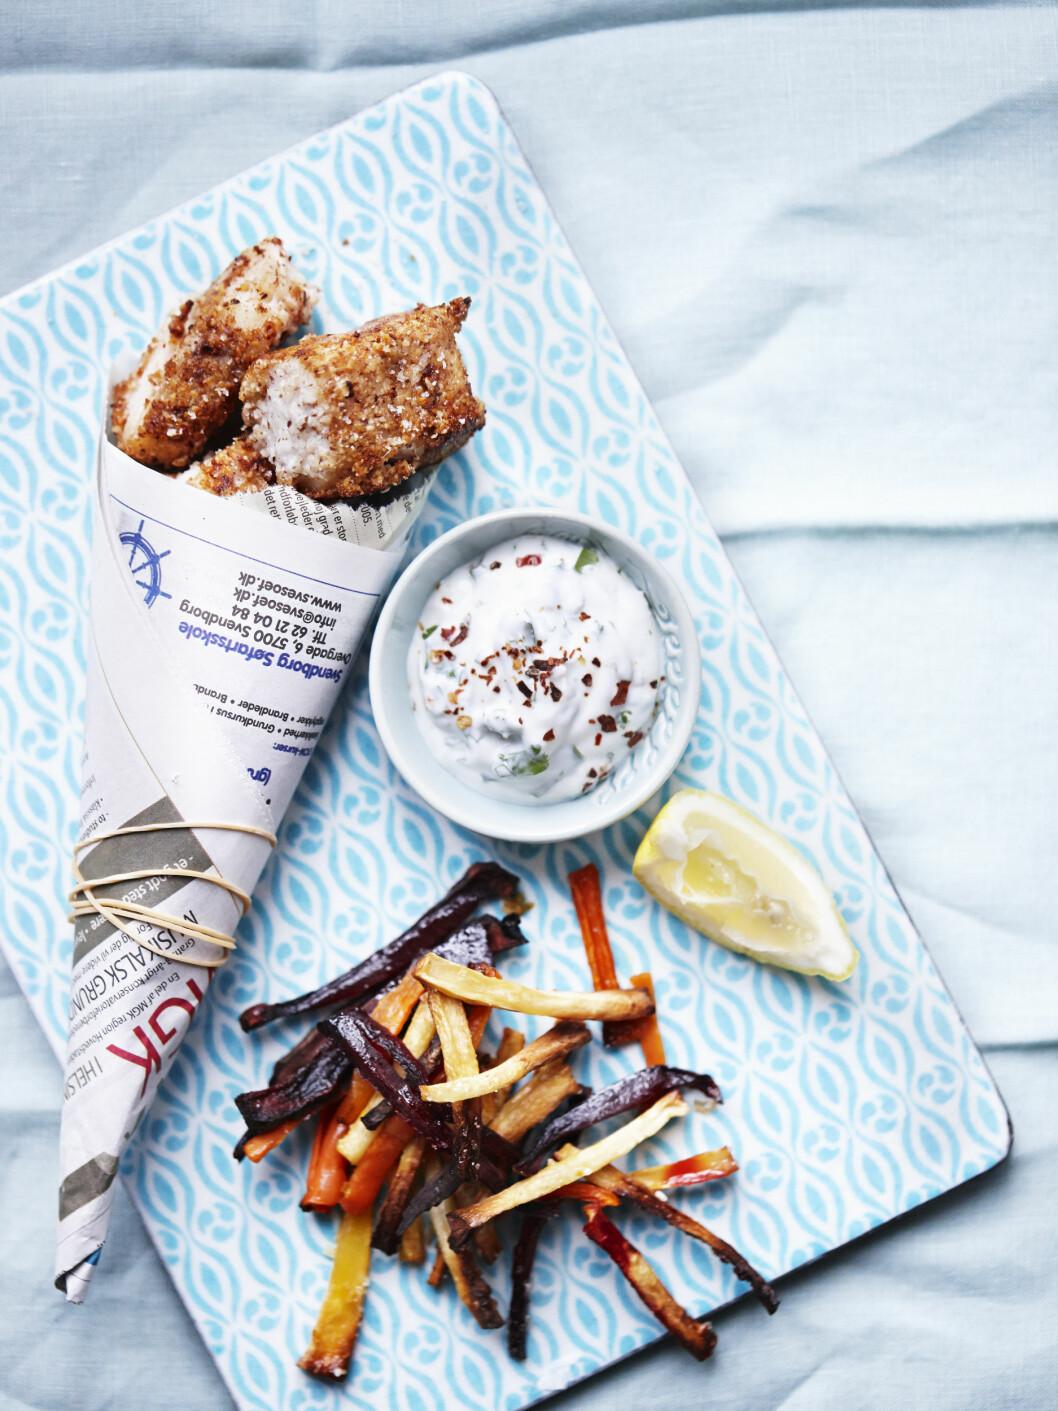 SUNNERE: Fish and chips er klassisk engelsk pubmat og deilig fastfood som ofte er rik på kalorier. Dette er en sunnere variant der de friterte potetene er byttet ut med ovnsstekte rotfruktfrites. Foto: All Over Press Denmark